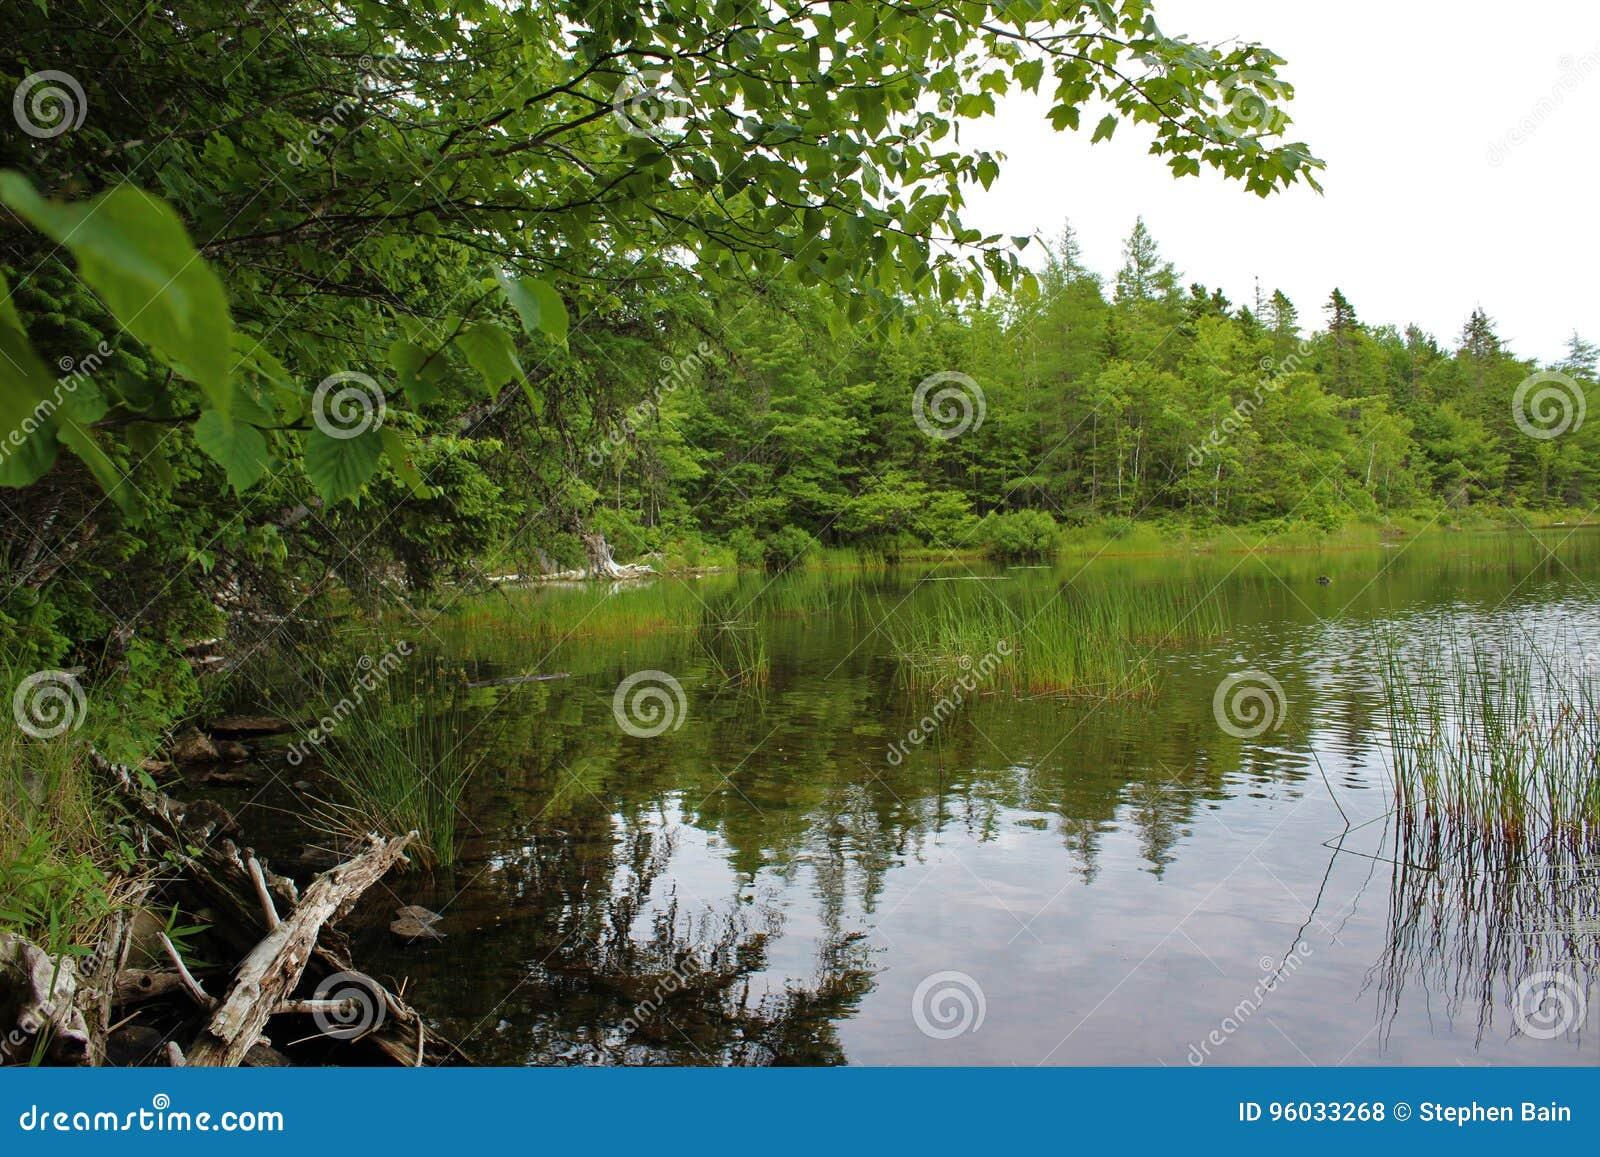 Spokojny jasny słodkowodny rezerwuar w lesie